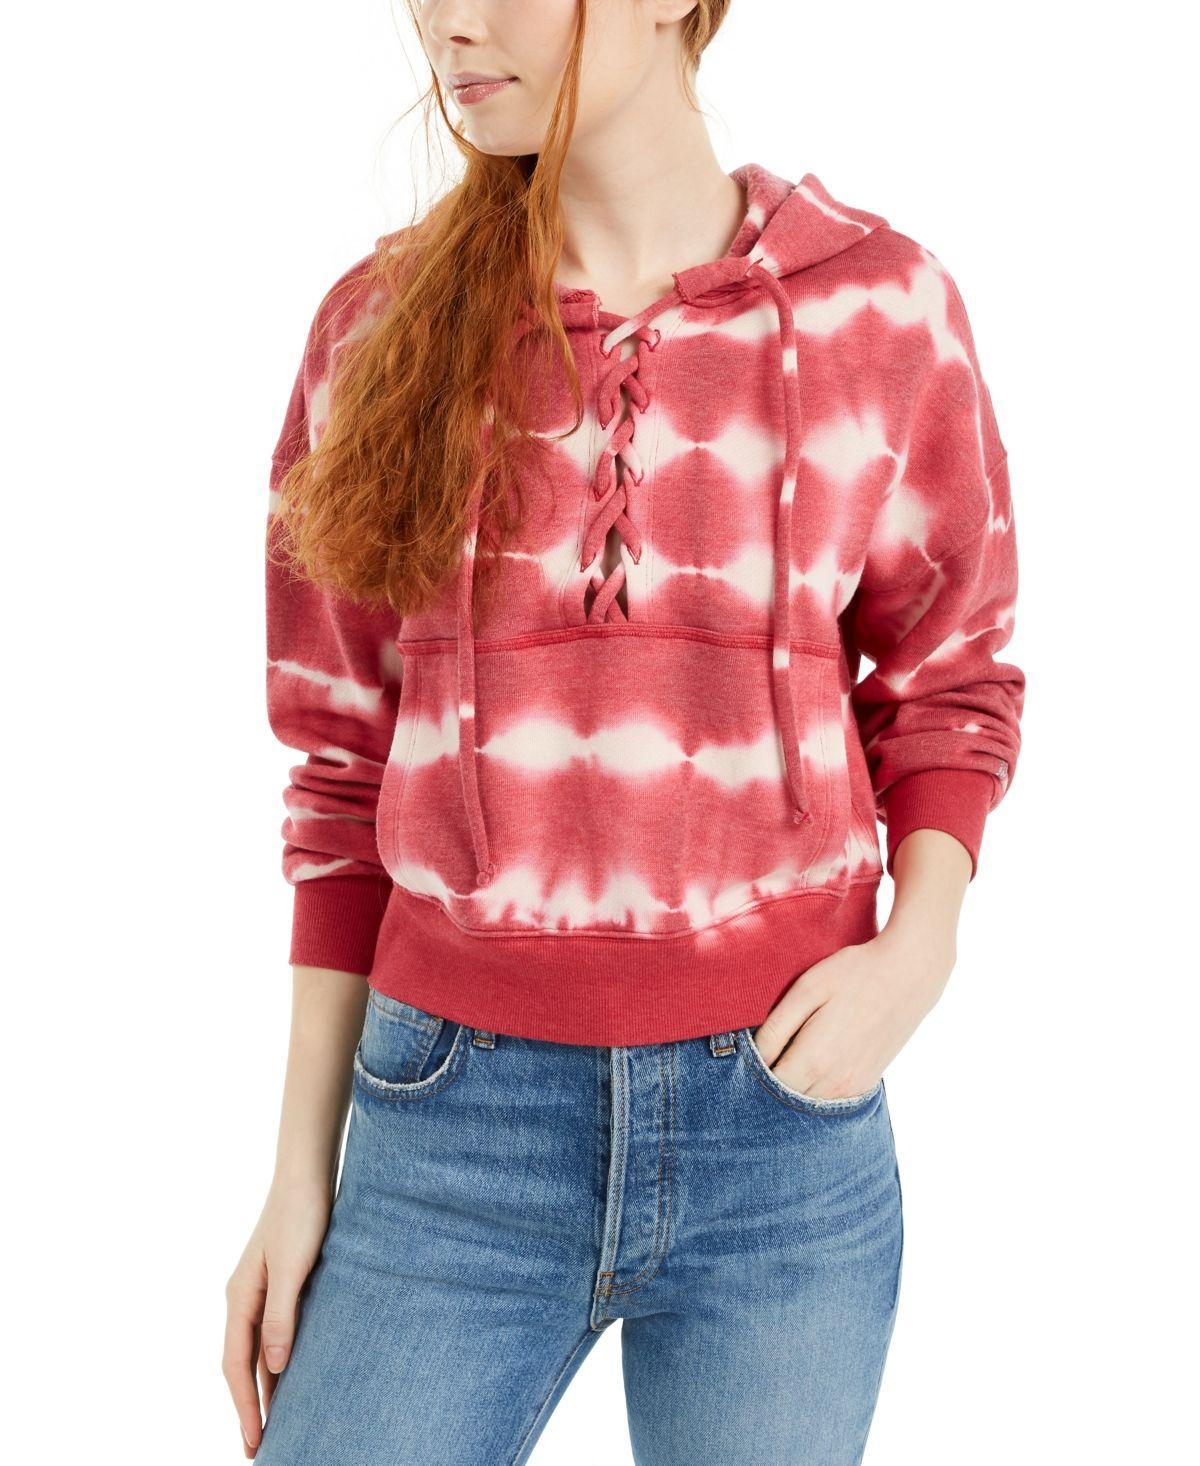 Free People Fp Movement Tie Dye Believer Sweatshirt Red Tie Dye Chic Sweatshirt Sweaters For Women [ 1466 x 1200 Pixel ]